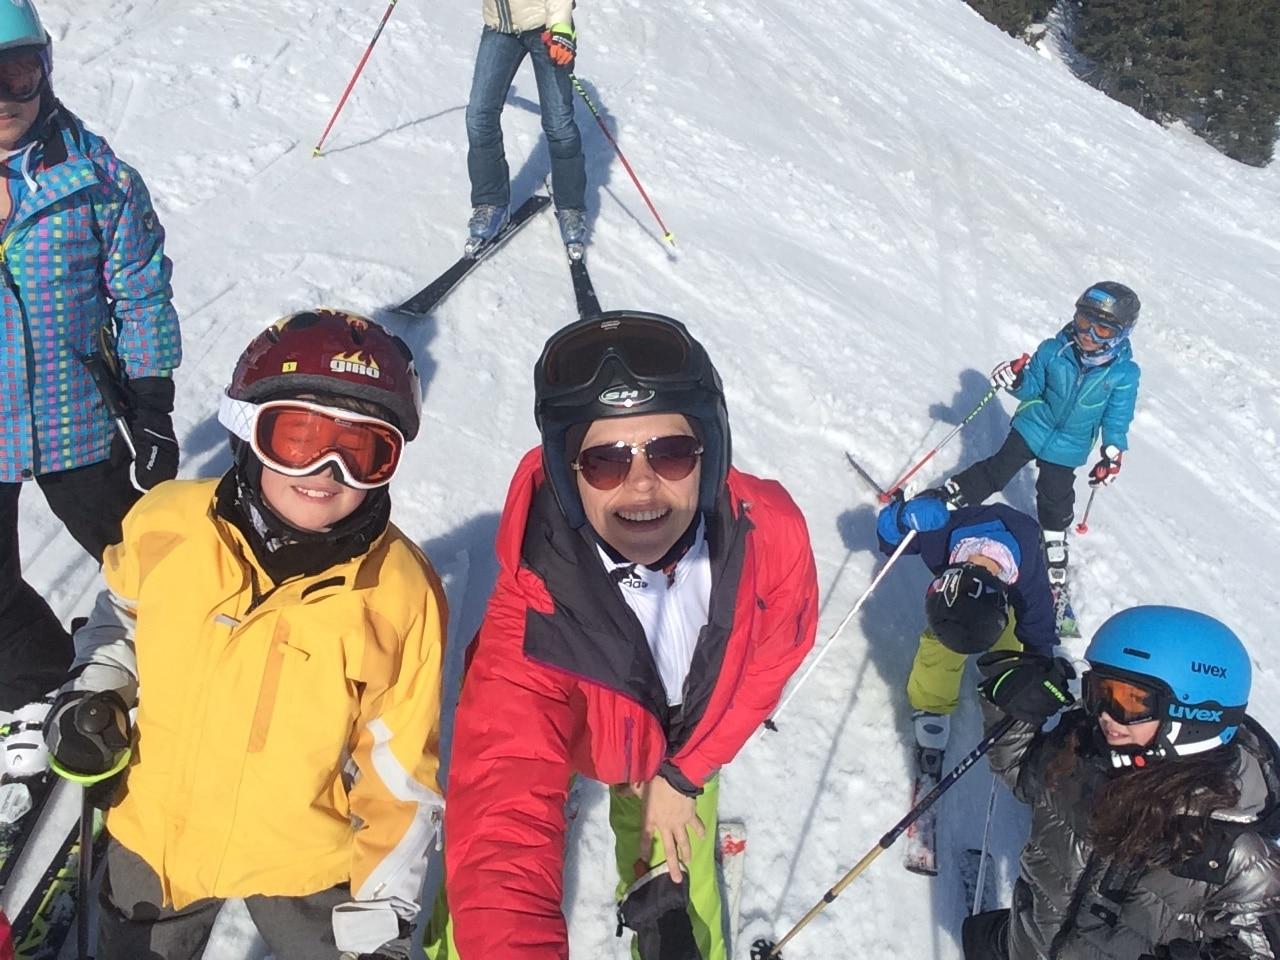 Sicher Skifahren: Rückenprotektor für Kinder – meine Tipps